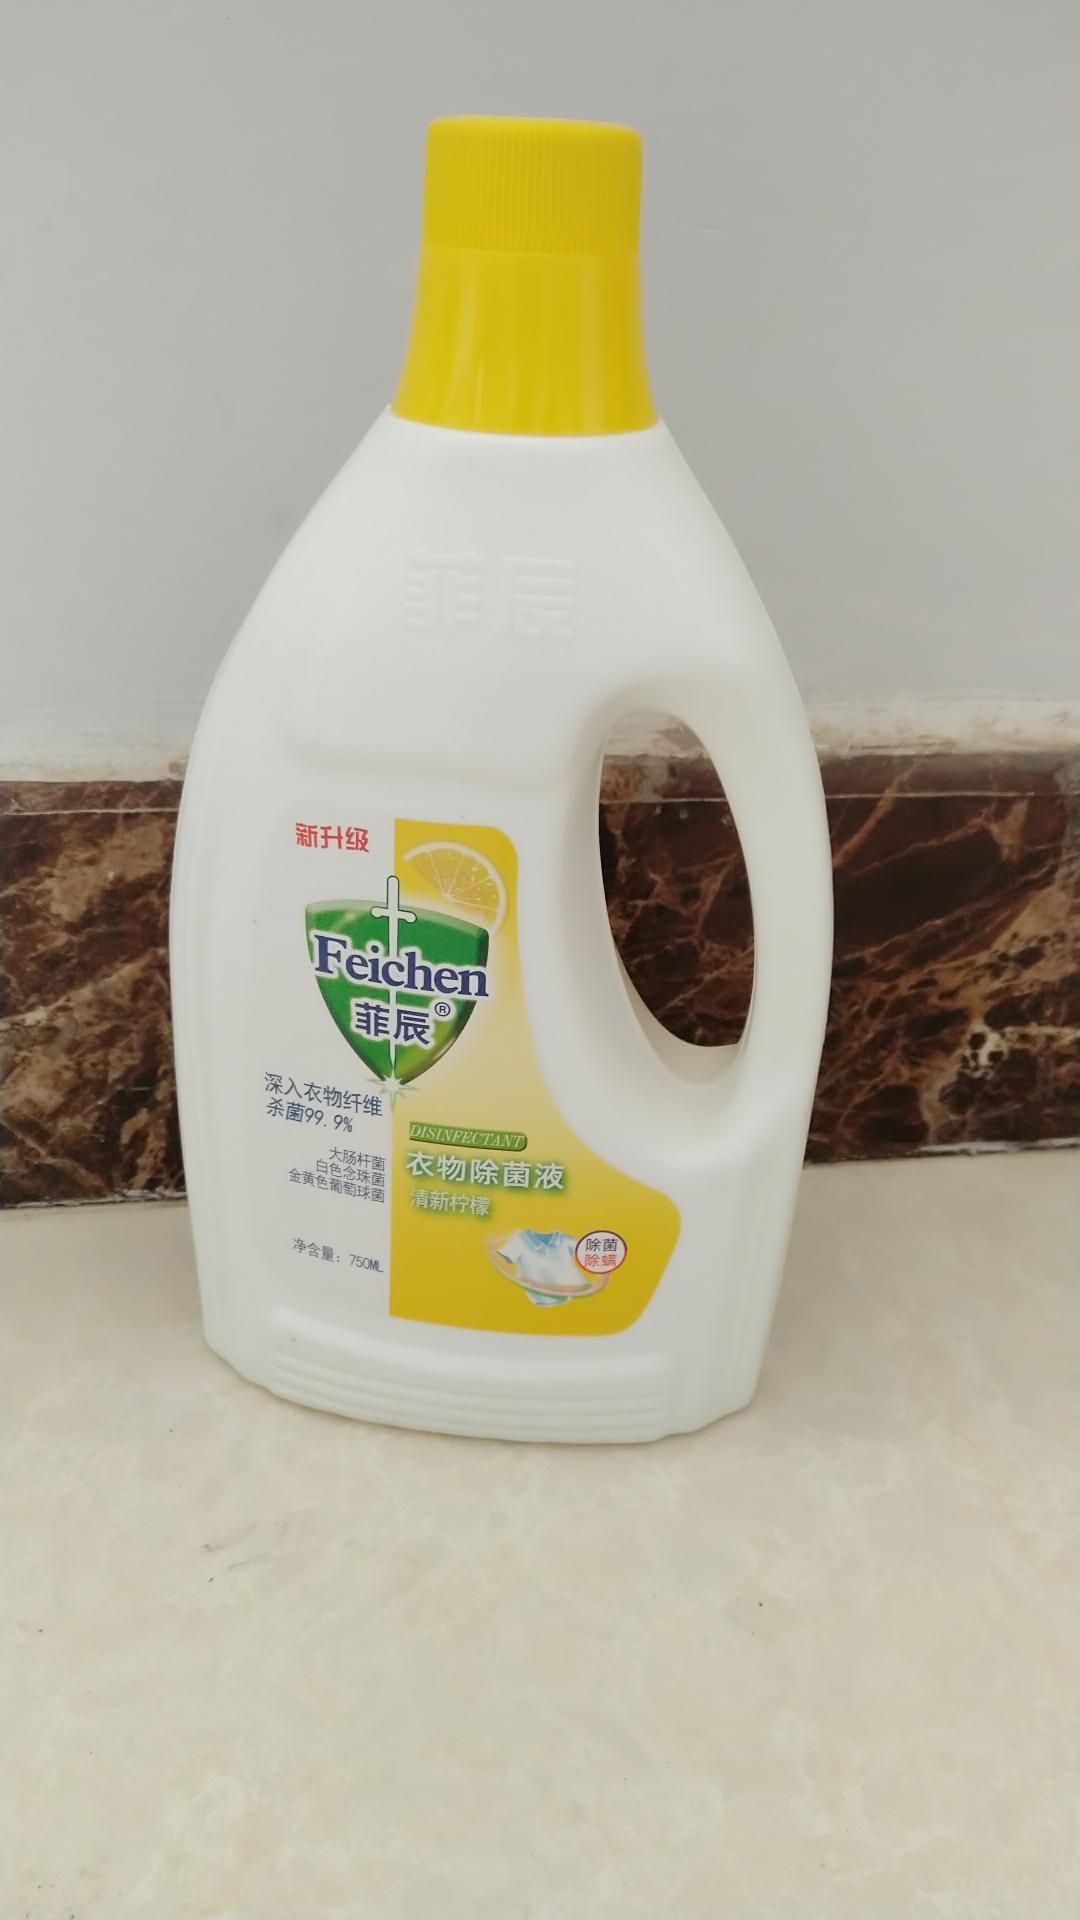 杀菌洗衣服抑菌除螨家庭衣物除菌液